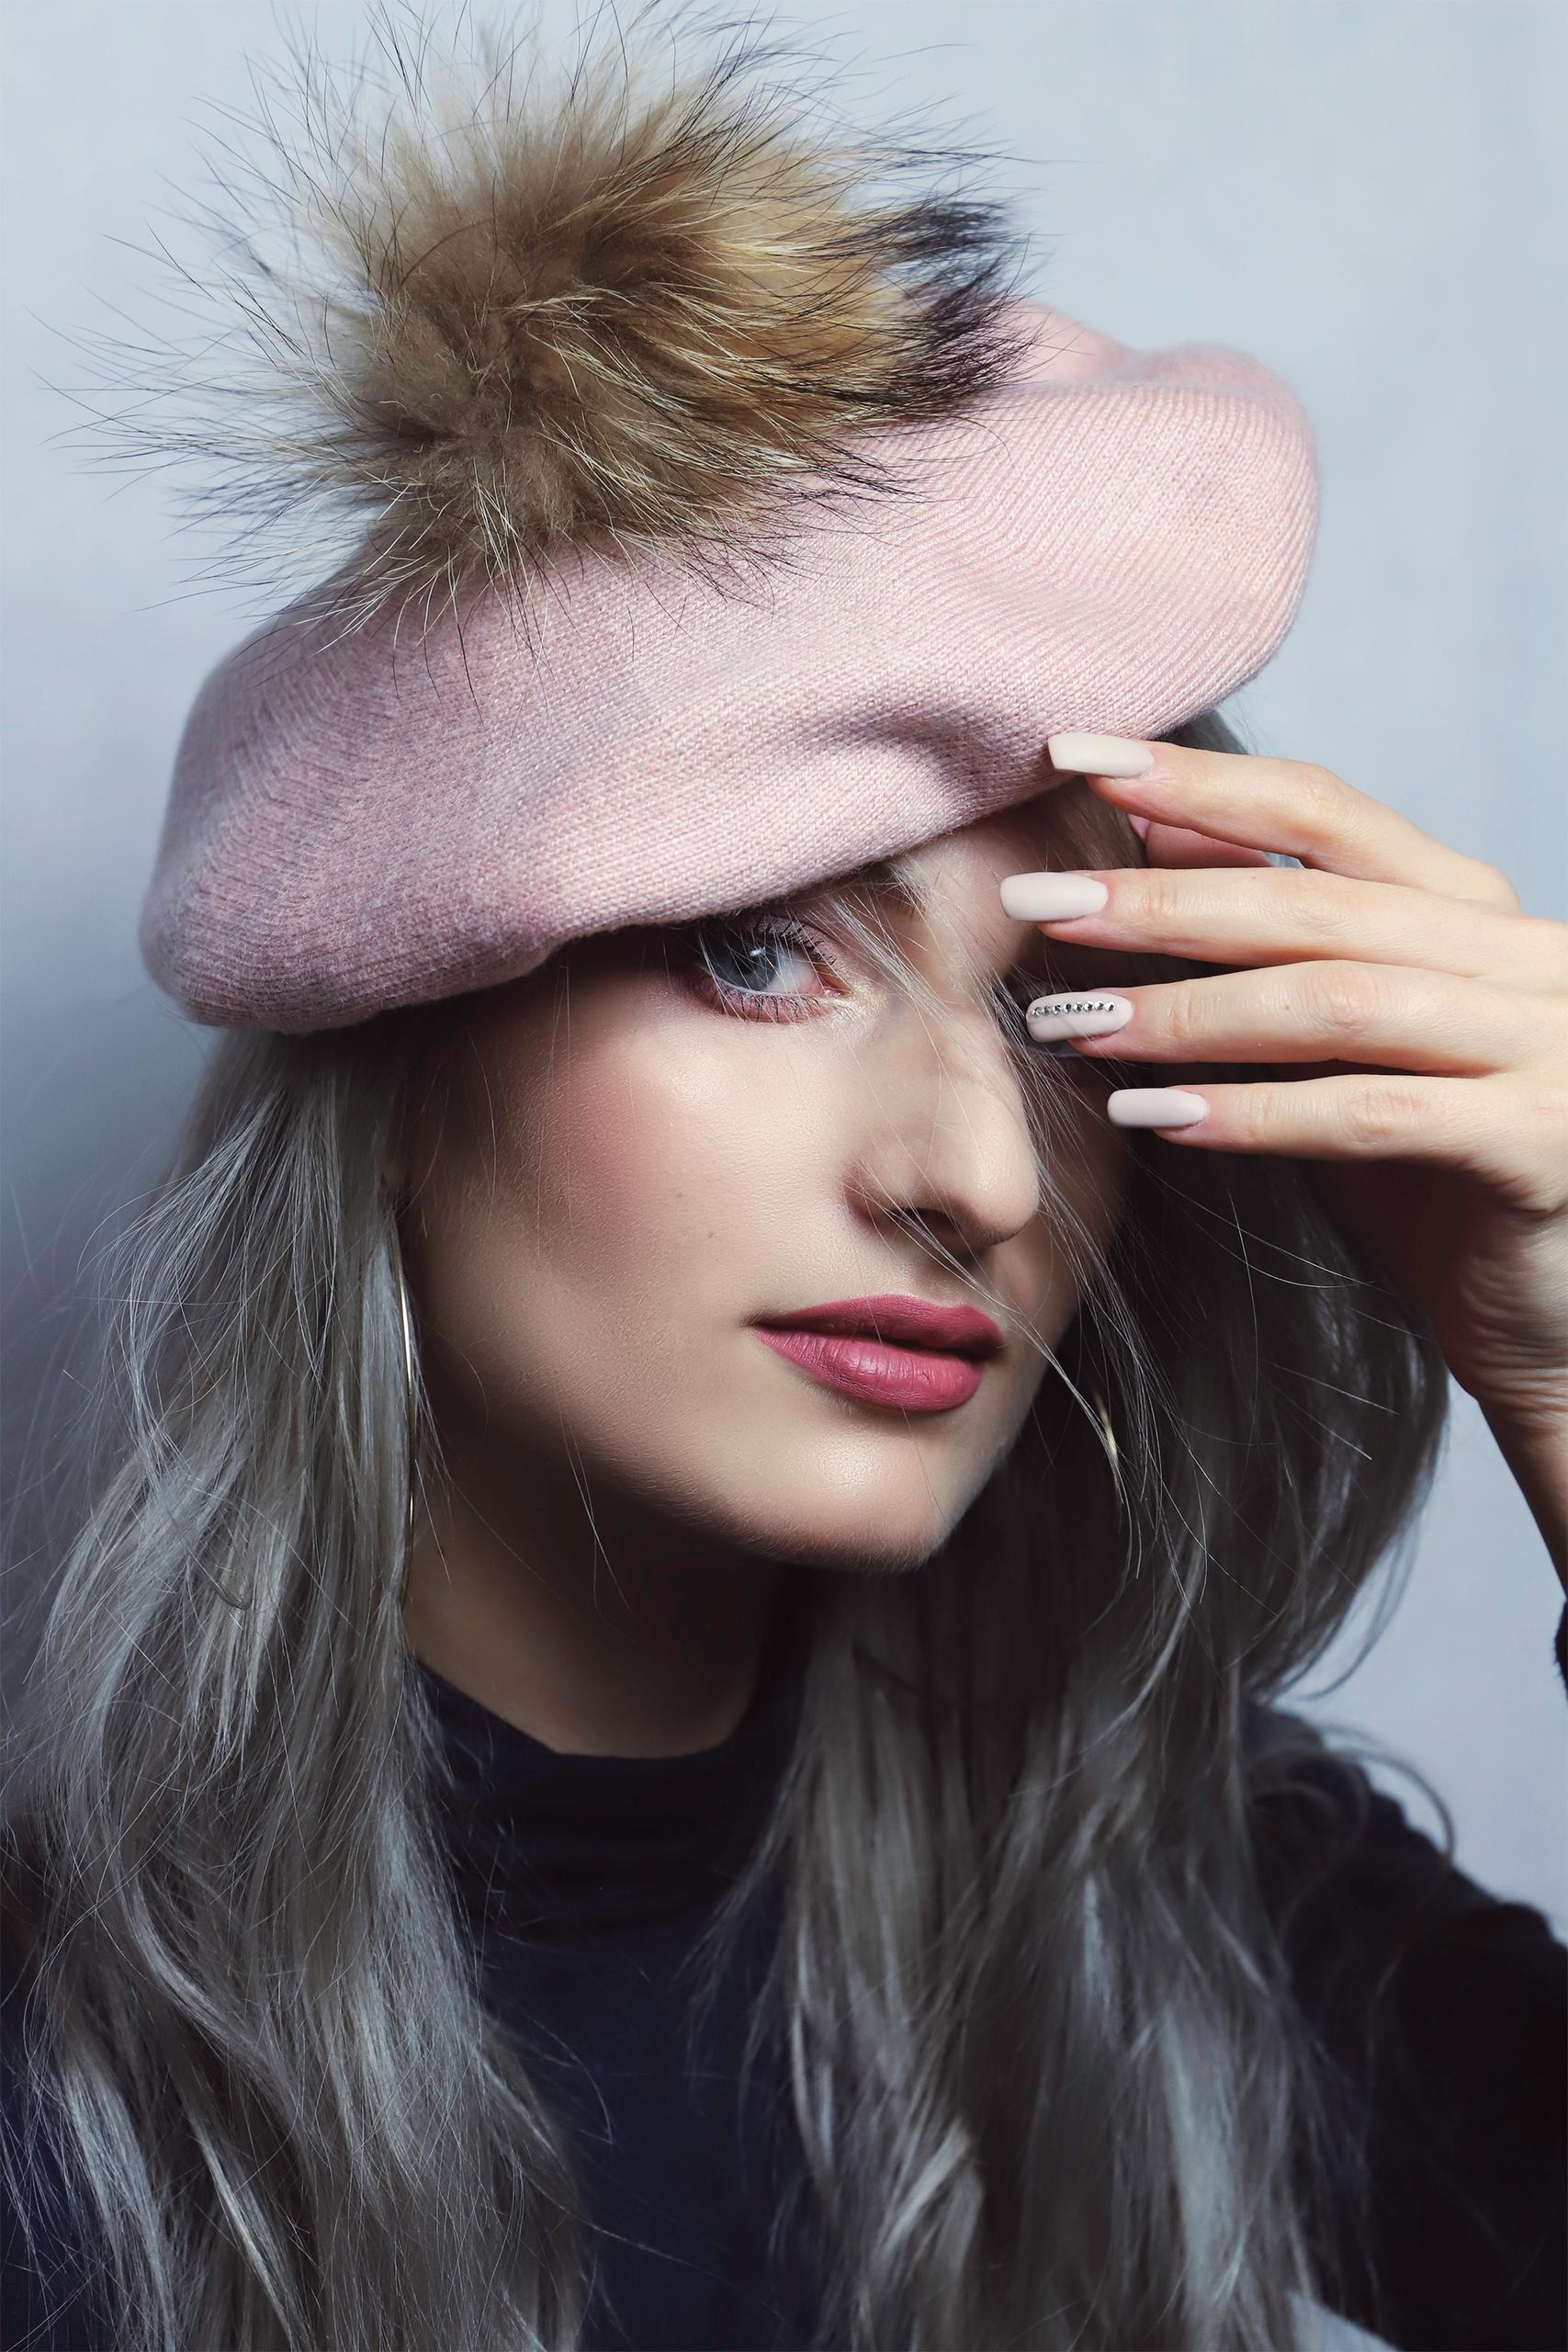 Zdjęcie przedstawia portret kobiety w różowym berecie.